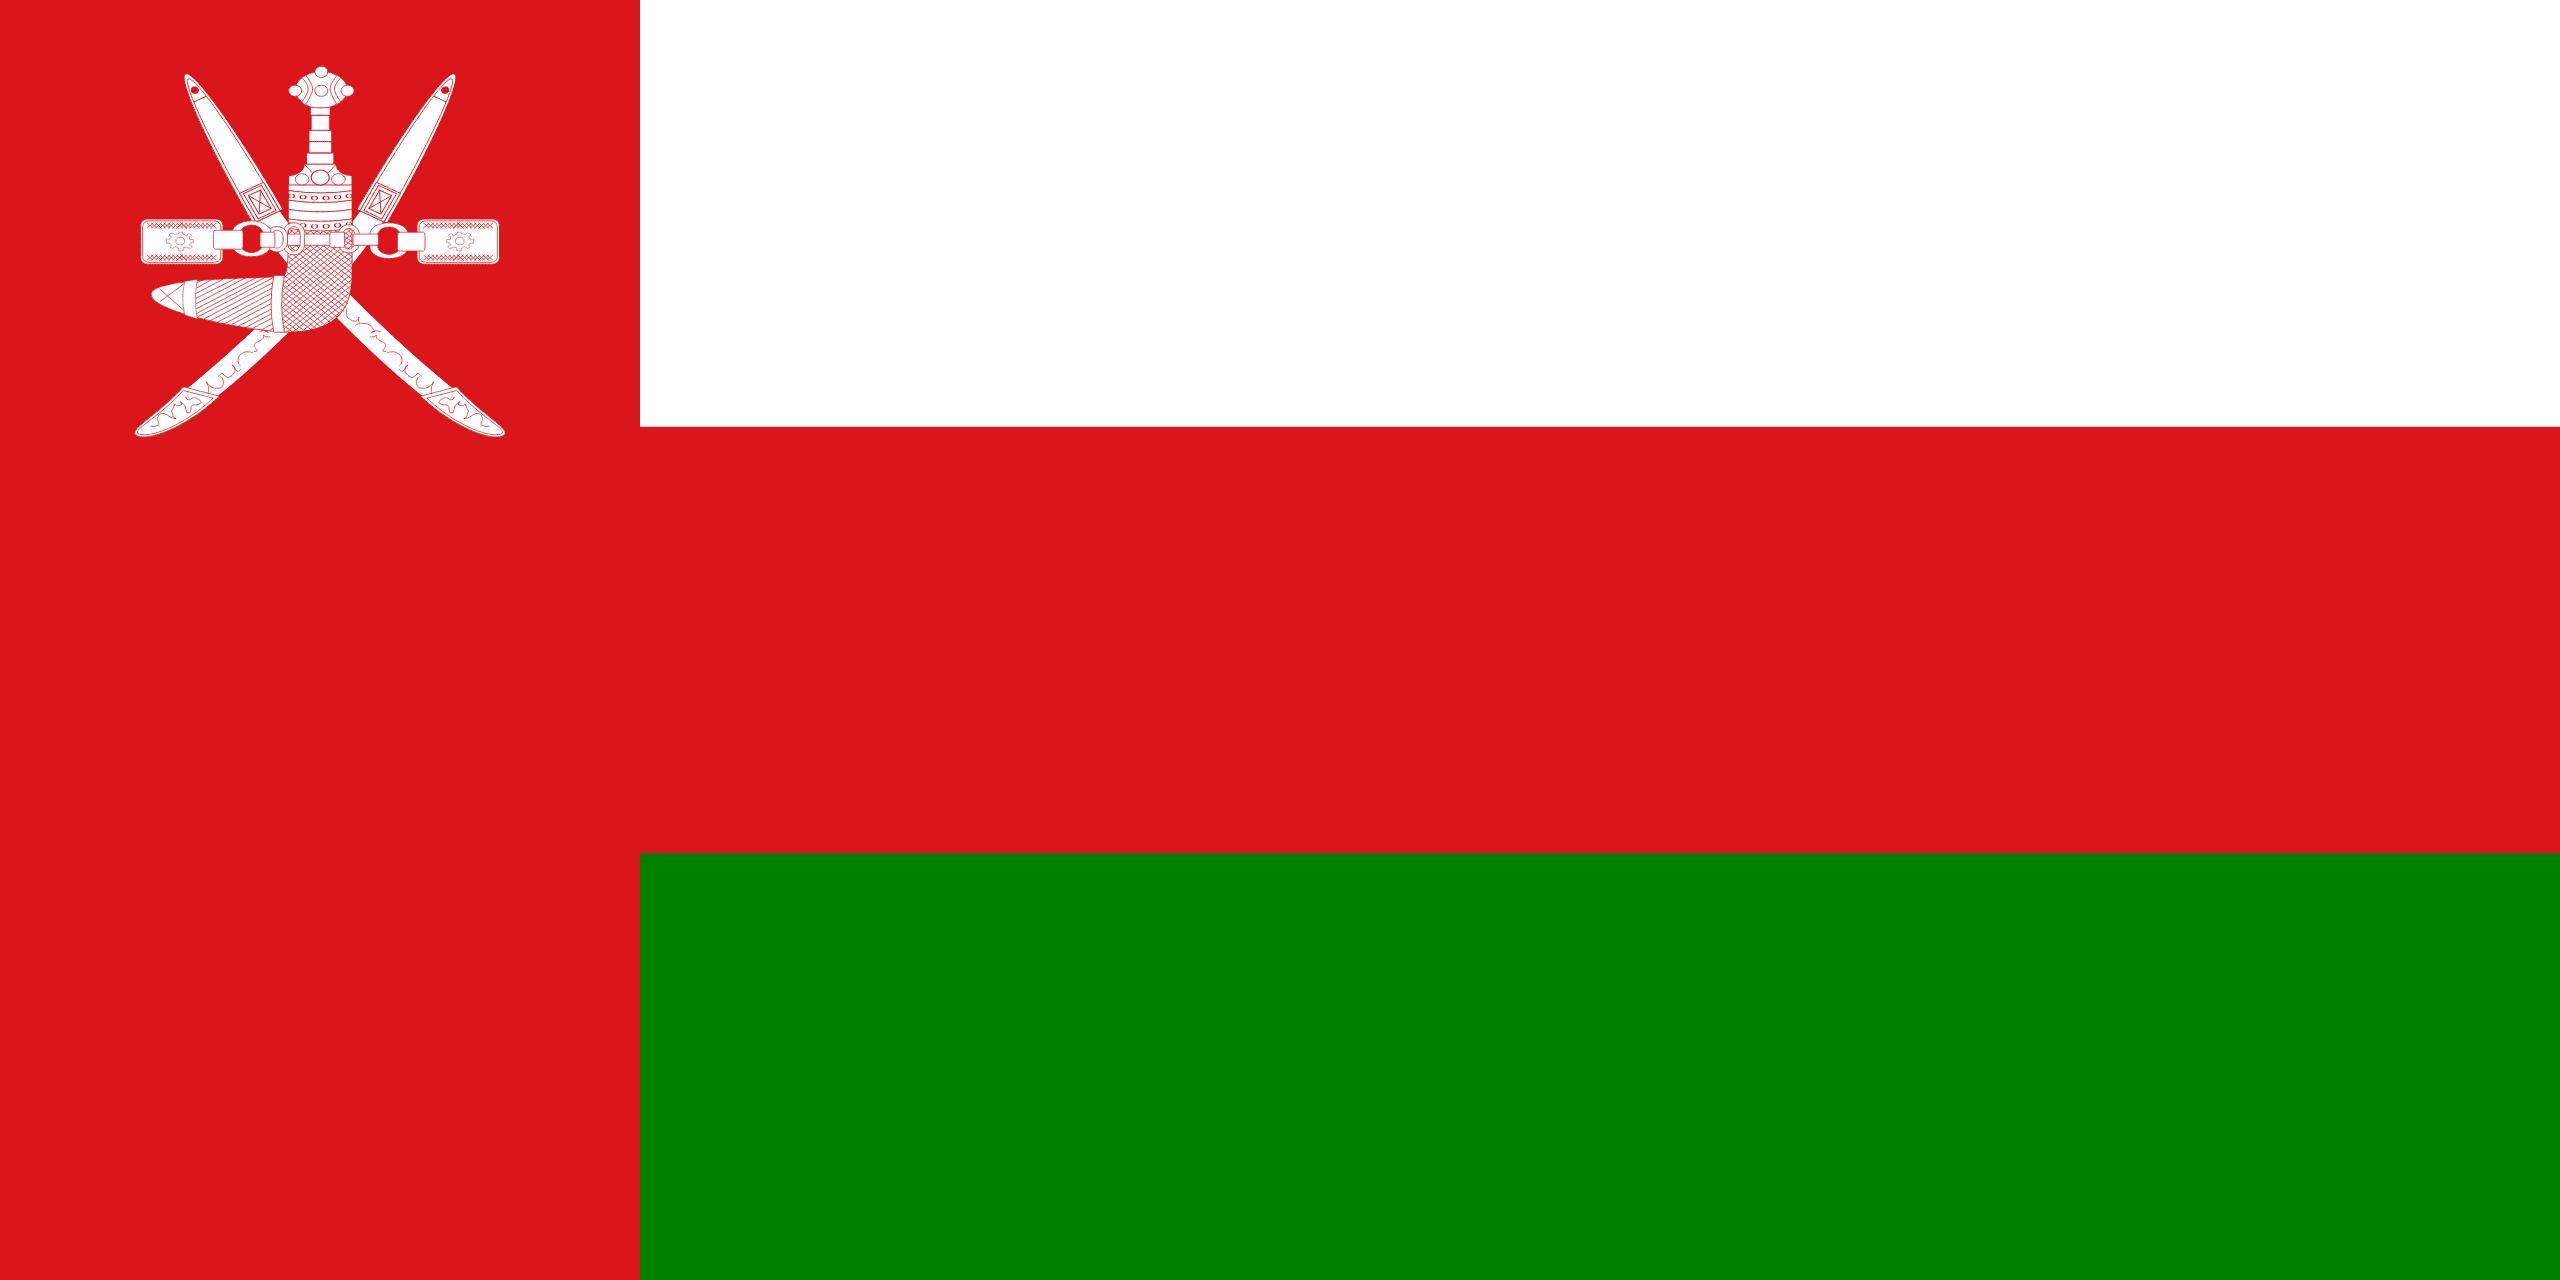 Umman'nın Başkenti ve Para Birimi Nedir? Umman'nın Bayrağı Nasıldır?